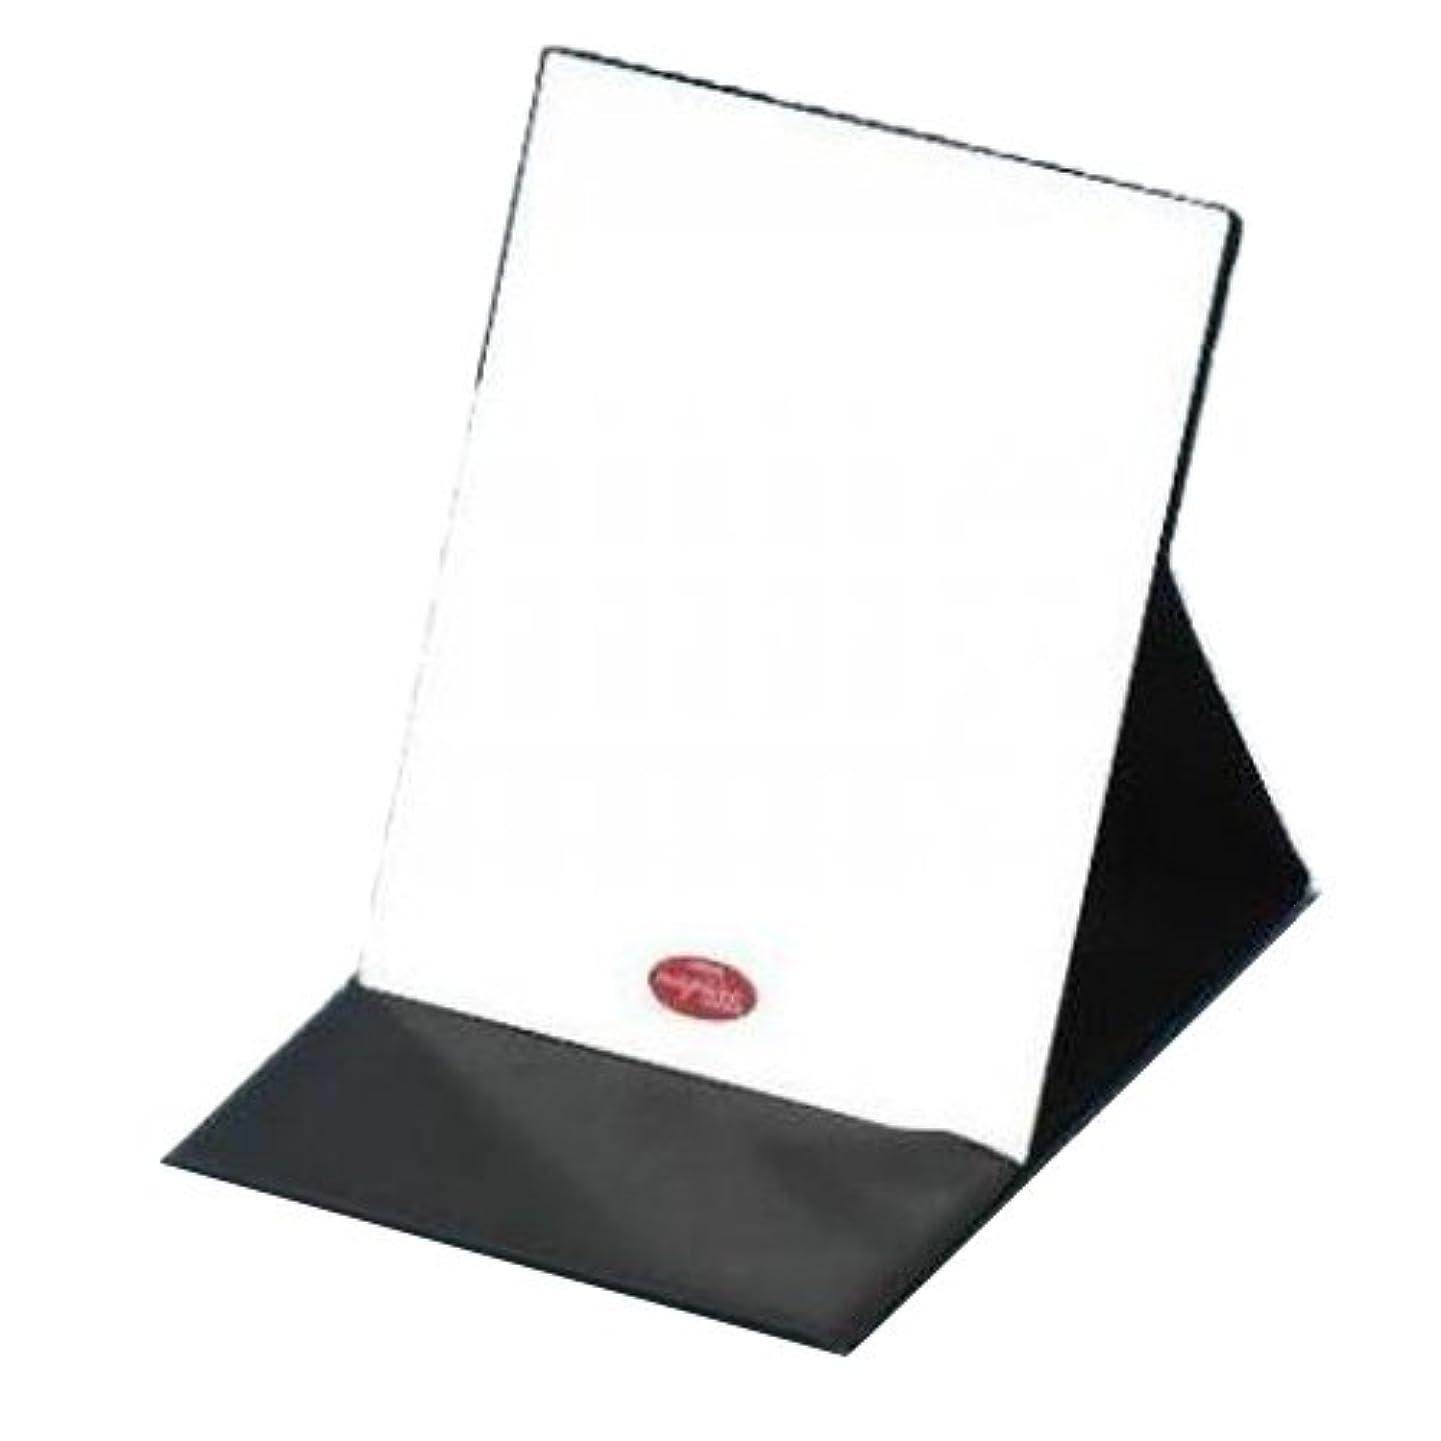 控える心からまろやかなHP-43 ナピュア プロモデル拡大鏡付き折立ミラー(L)